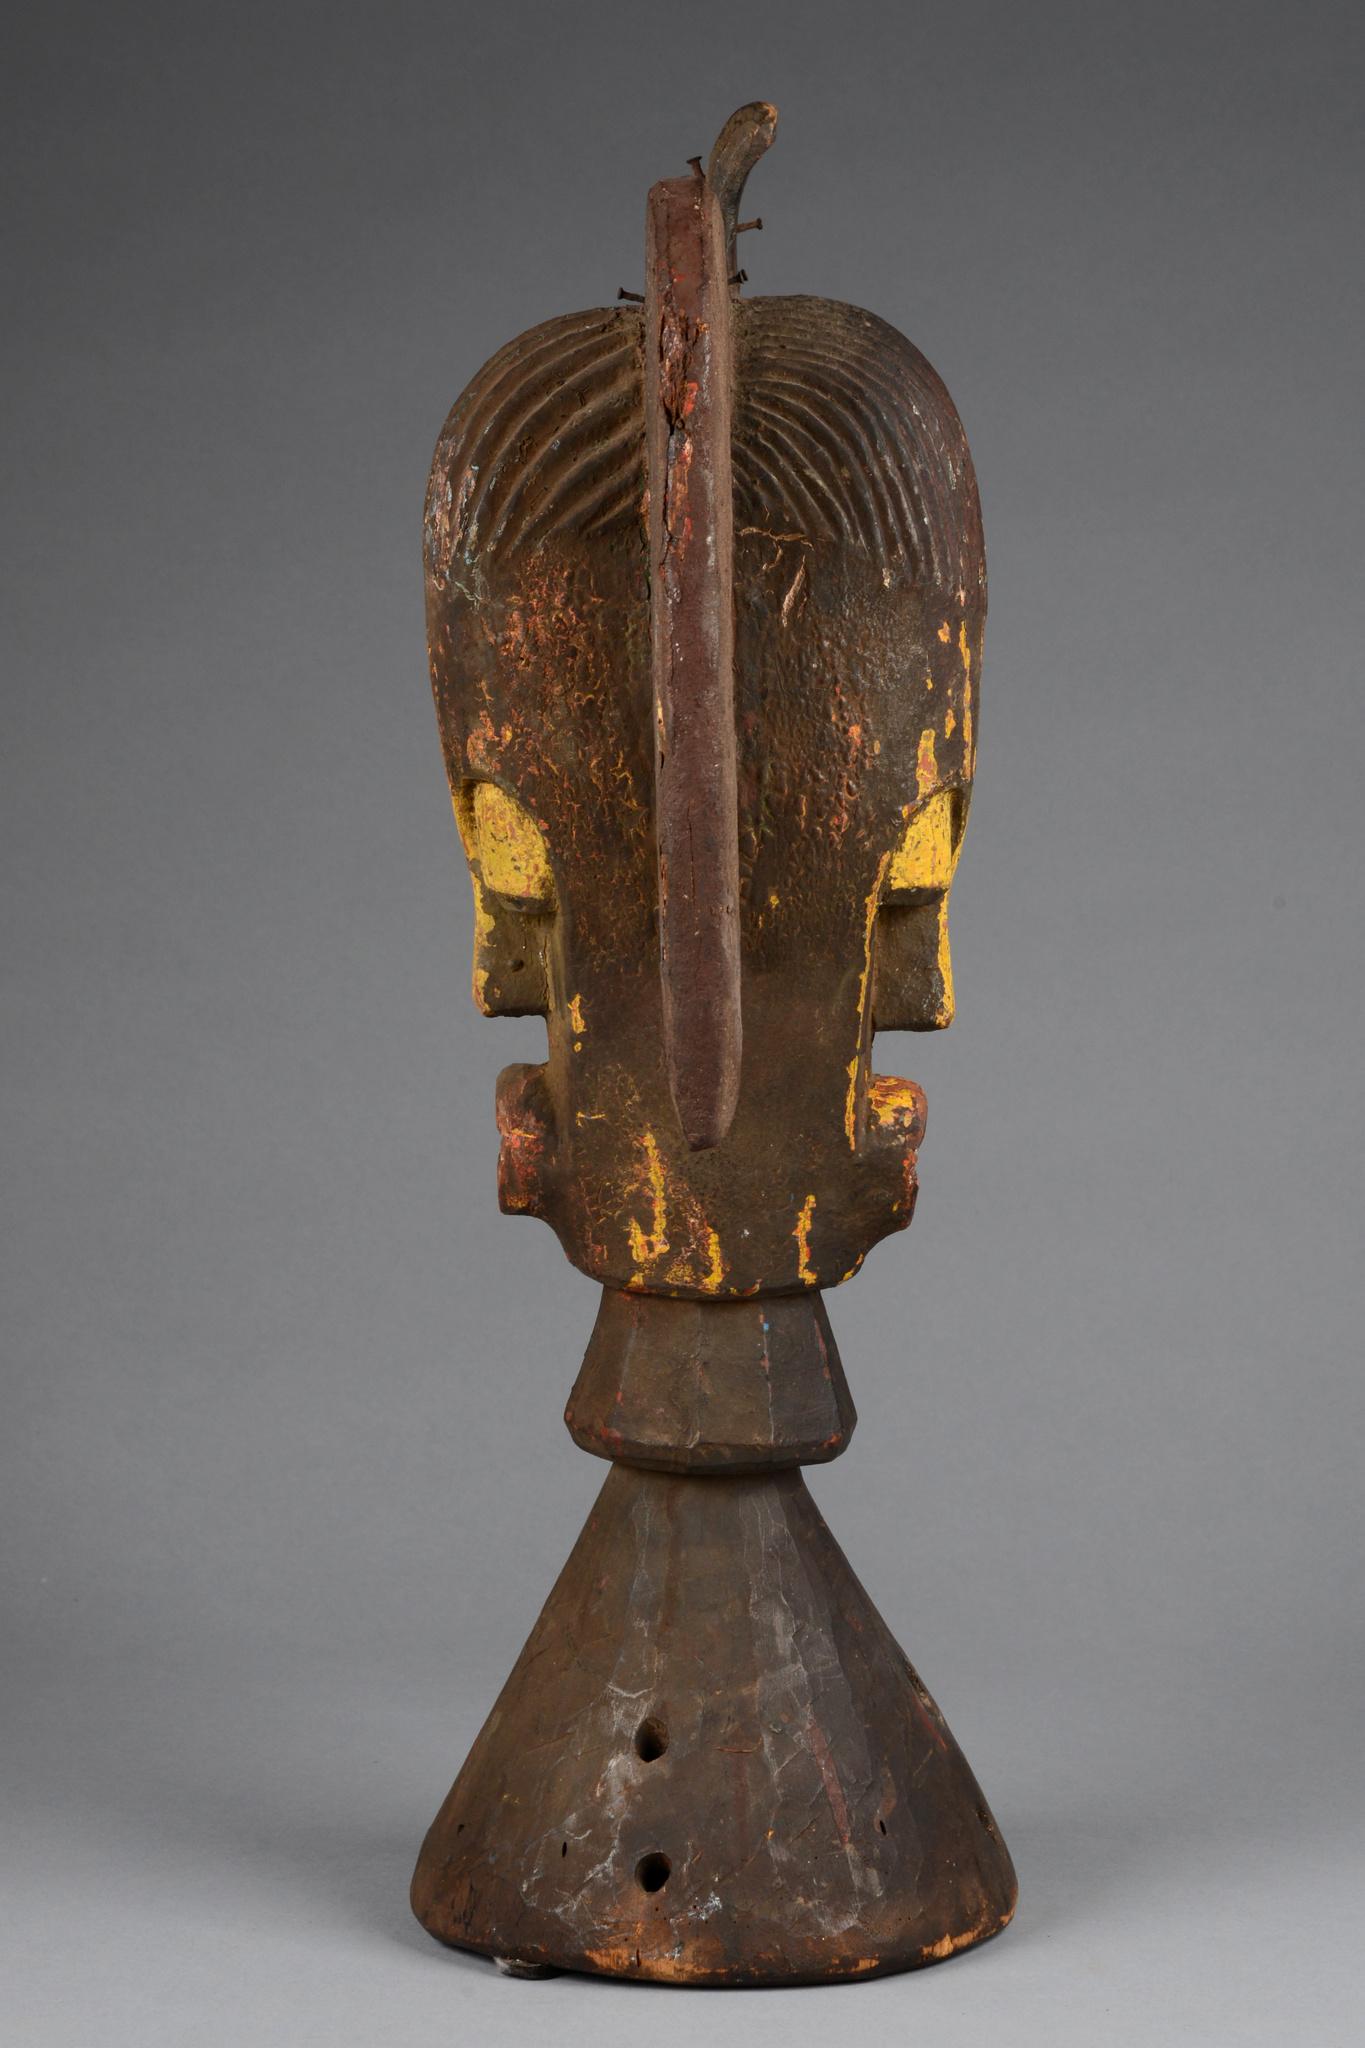 Dance crest with janus head - Auctionhouse Zemanek-Münster